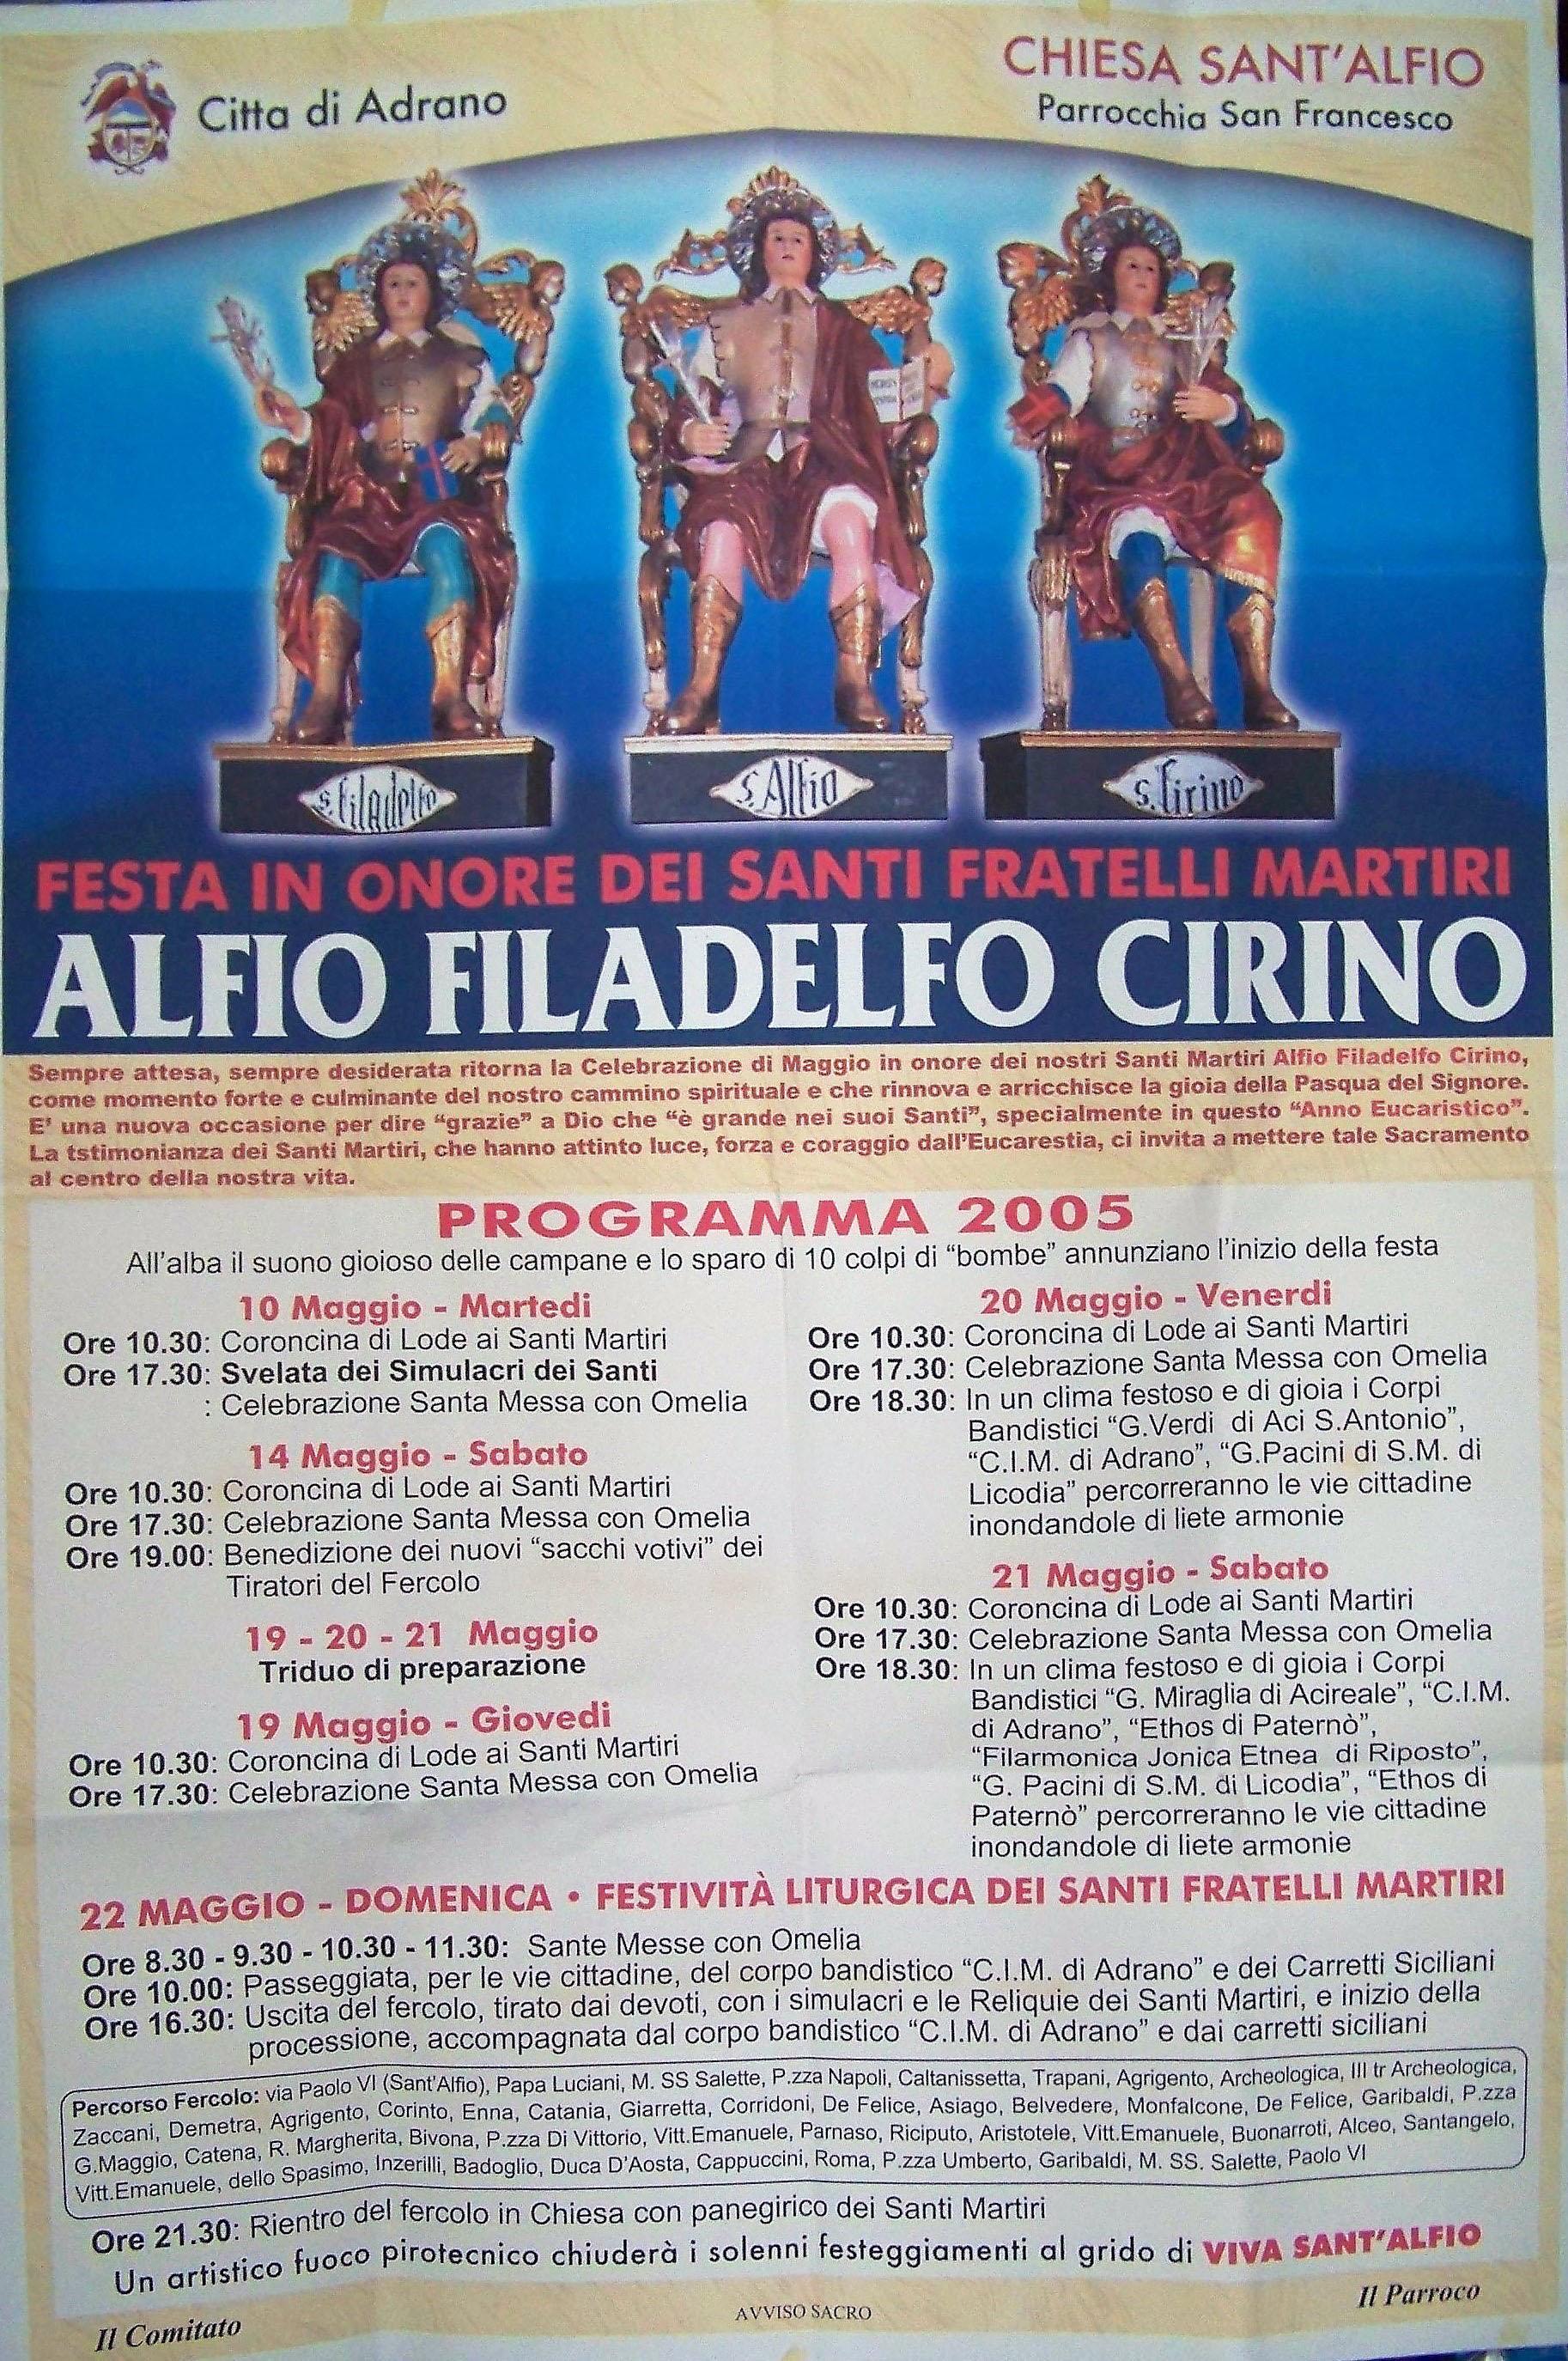 Chiesa Sant'Alfio Adrano Programma 2005